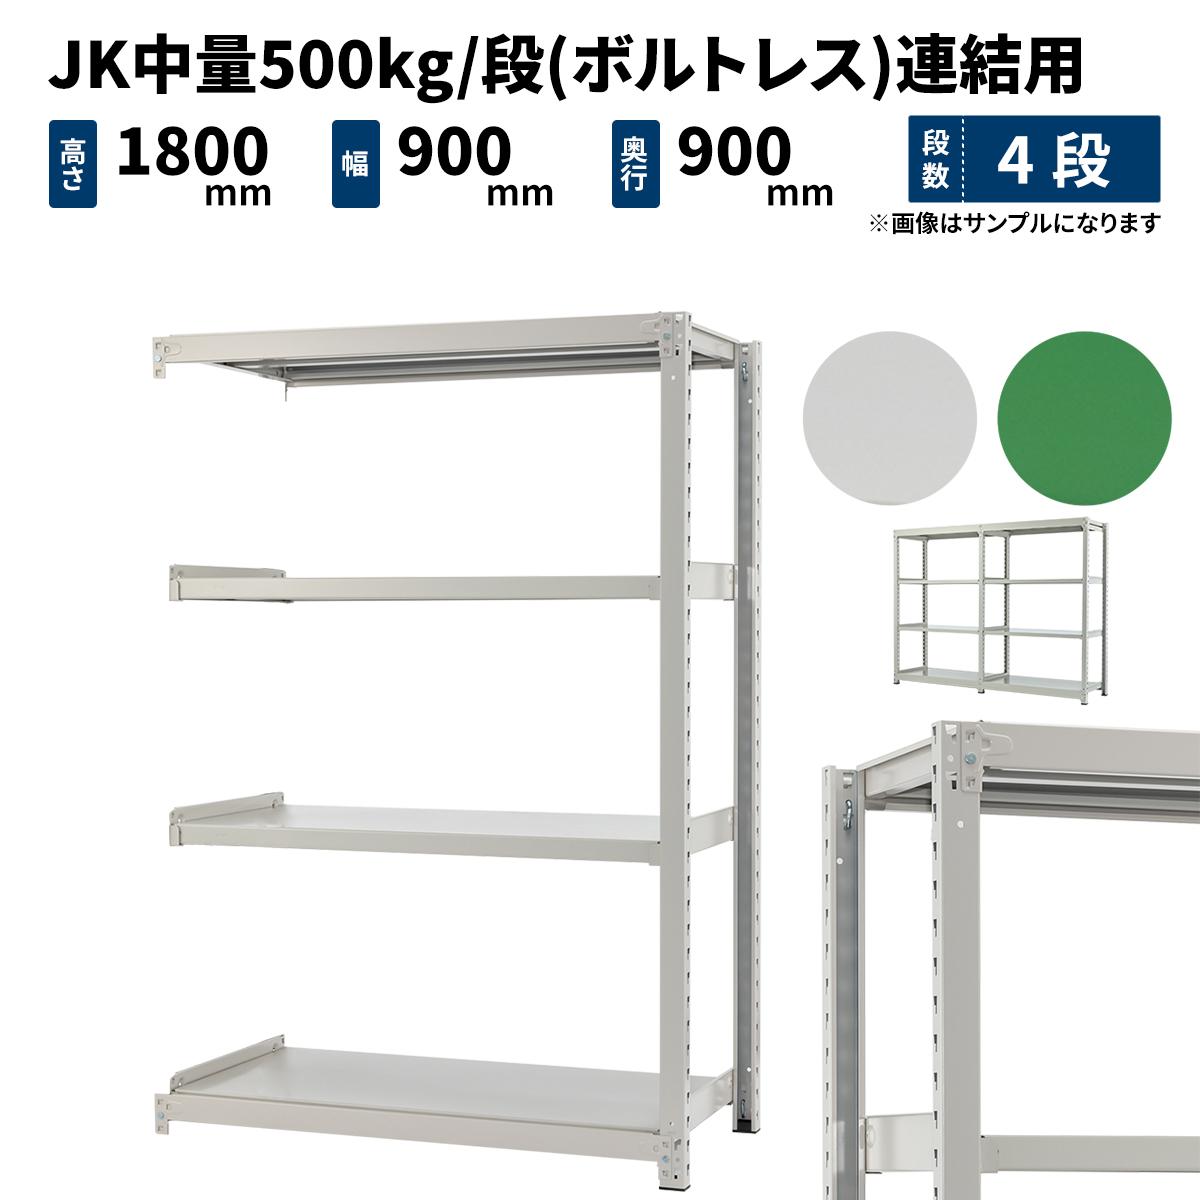 スチールラック 業務用 JK中量500kg/段(ボルトレス) 連結形式 高さ1800×幅900×奥行900mm 4段 ホワイトグレー/グリーン (69kg) JK500_R-180909-4